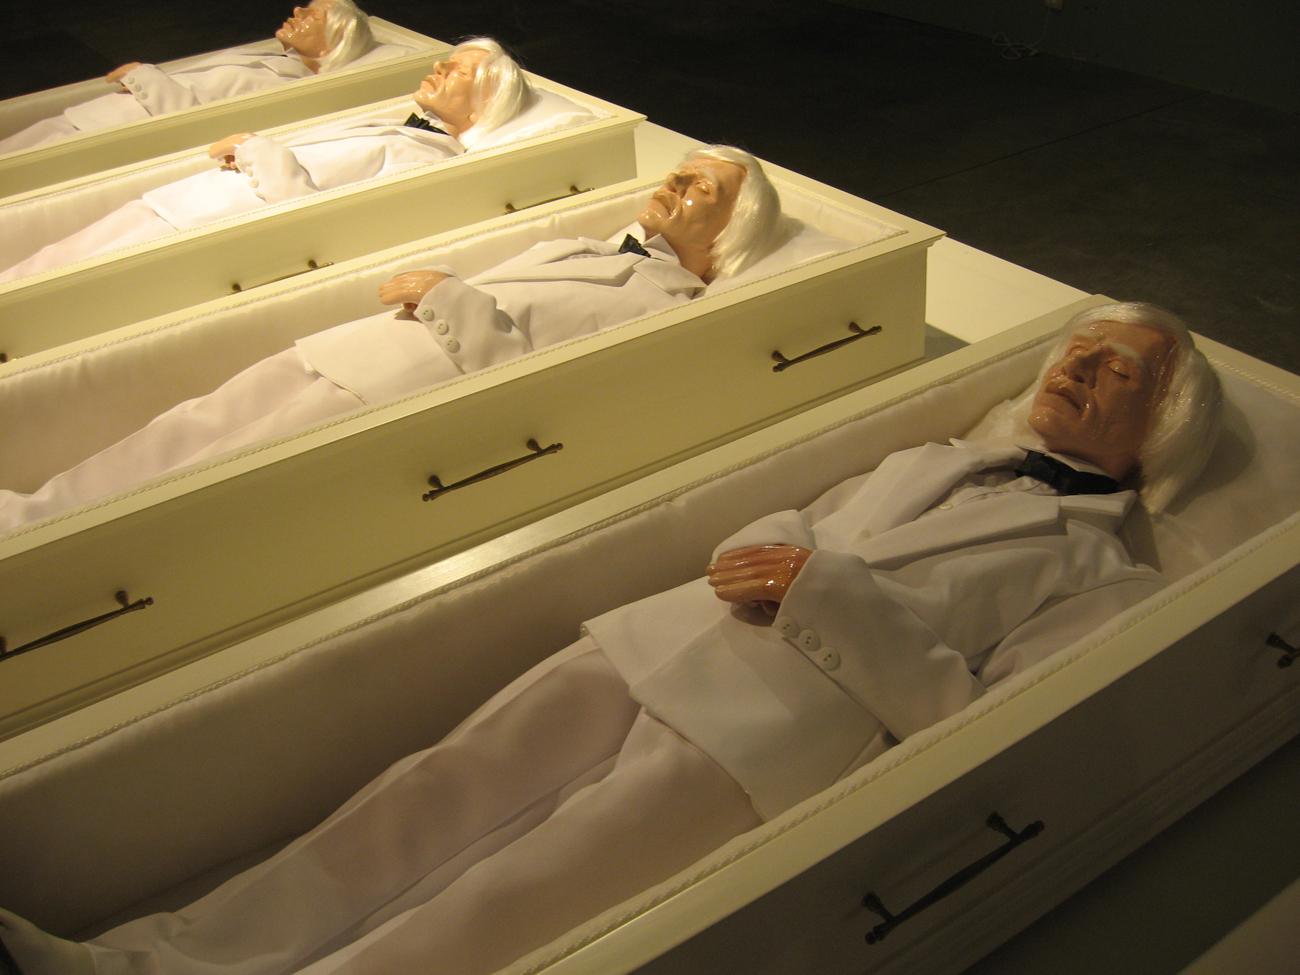 Юрий Шабельников, из проекта «Энди, Энди...», 2006–2007 гг. Выставка номинантов «Премии Кандинского — 2007»